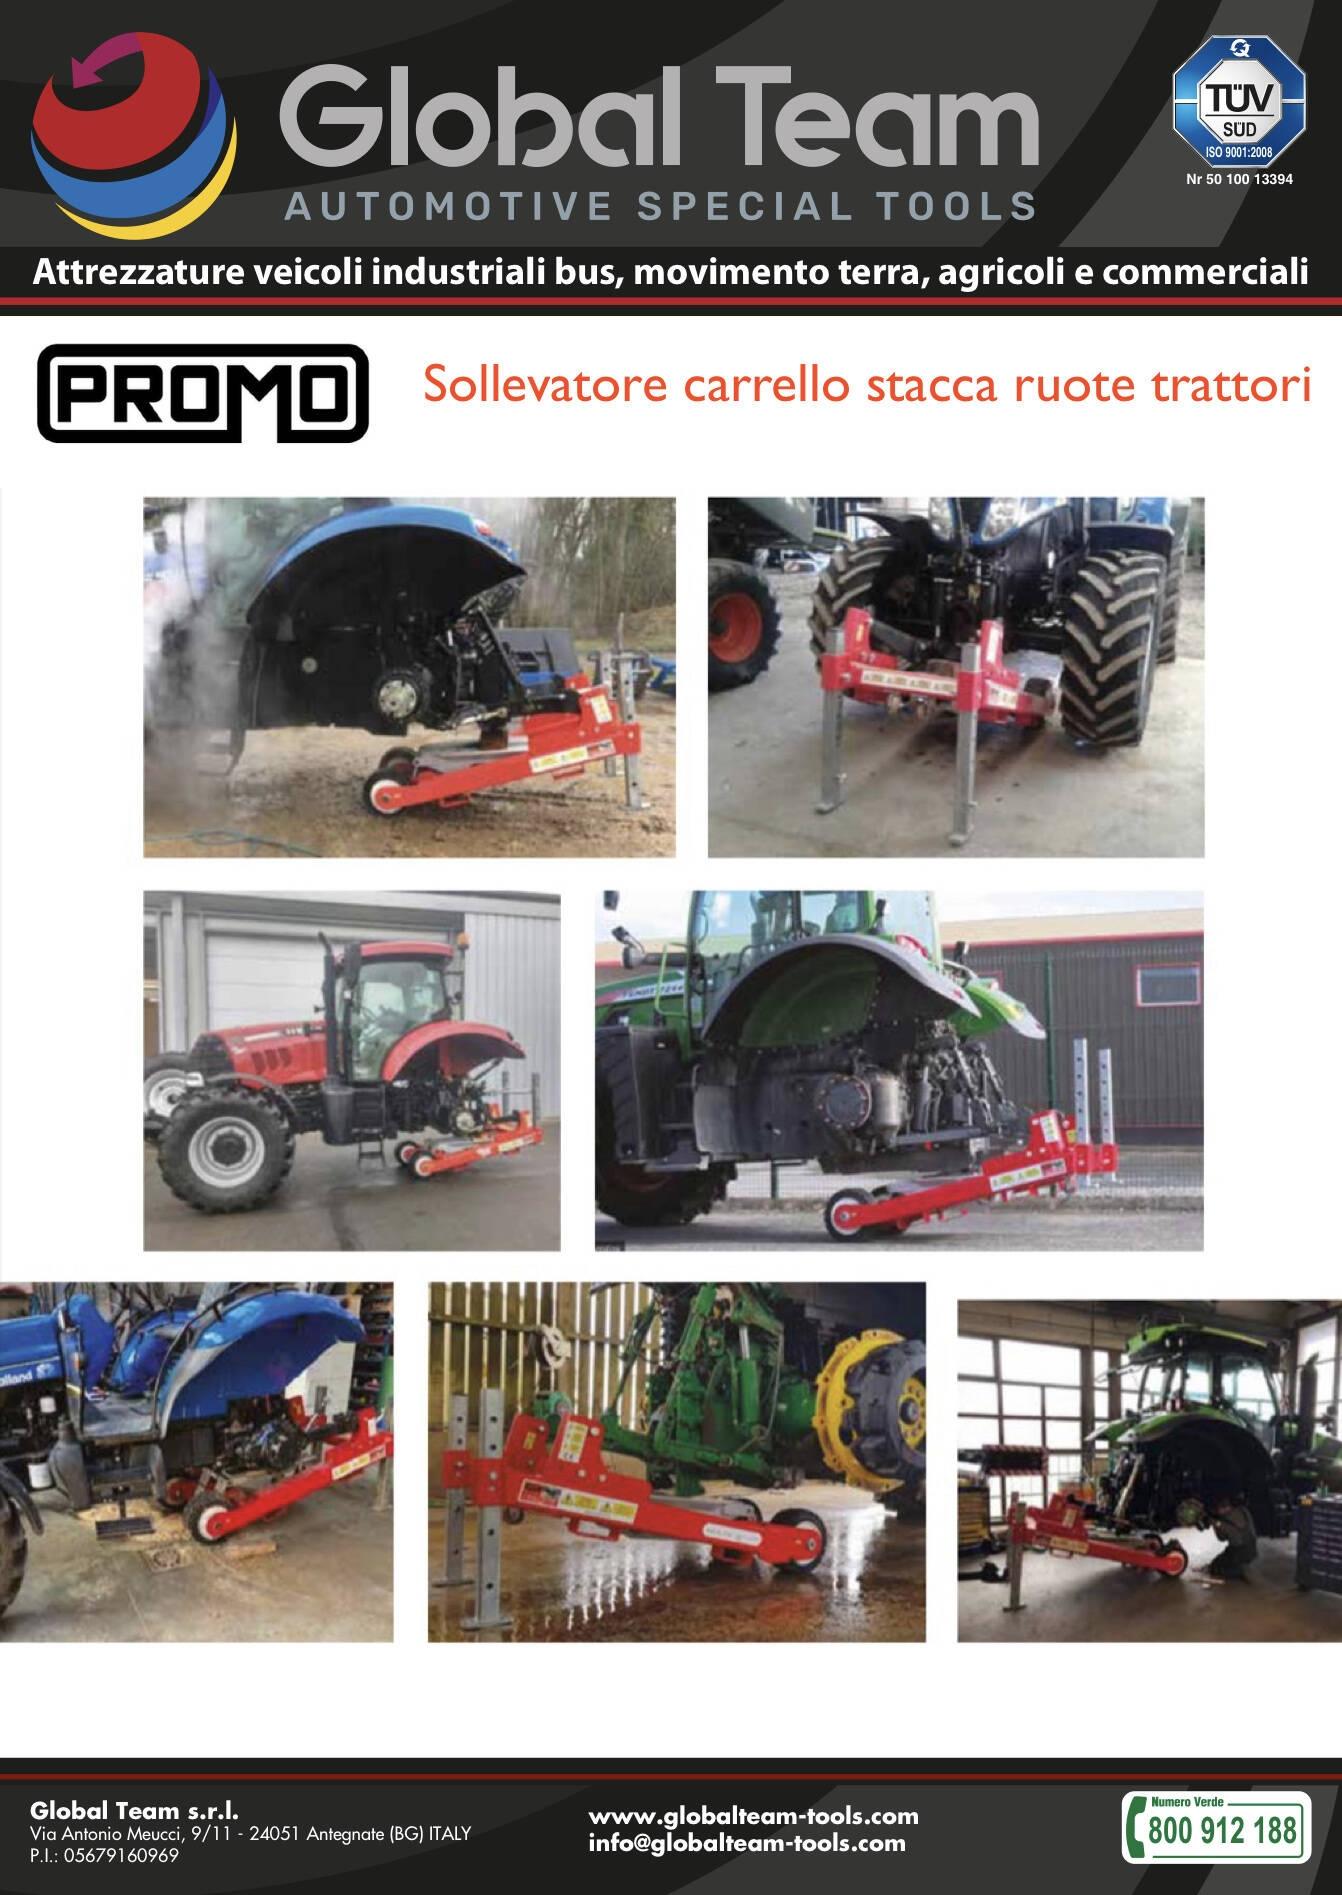 Promo lancio nuovo carrello sollevatore per spostamento trattori agricoli senza gomme montate